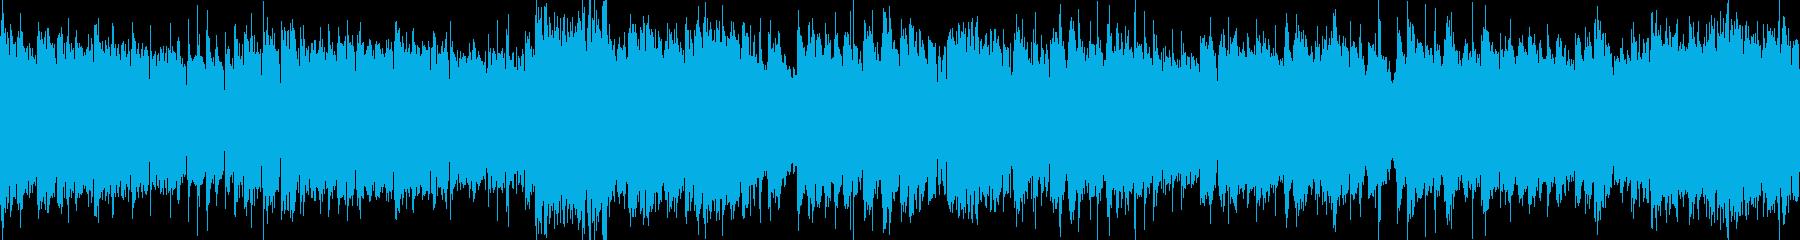 ループ用軽快ポップゲームBGM系インストの再生済みの波形